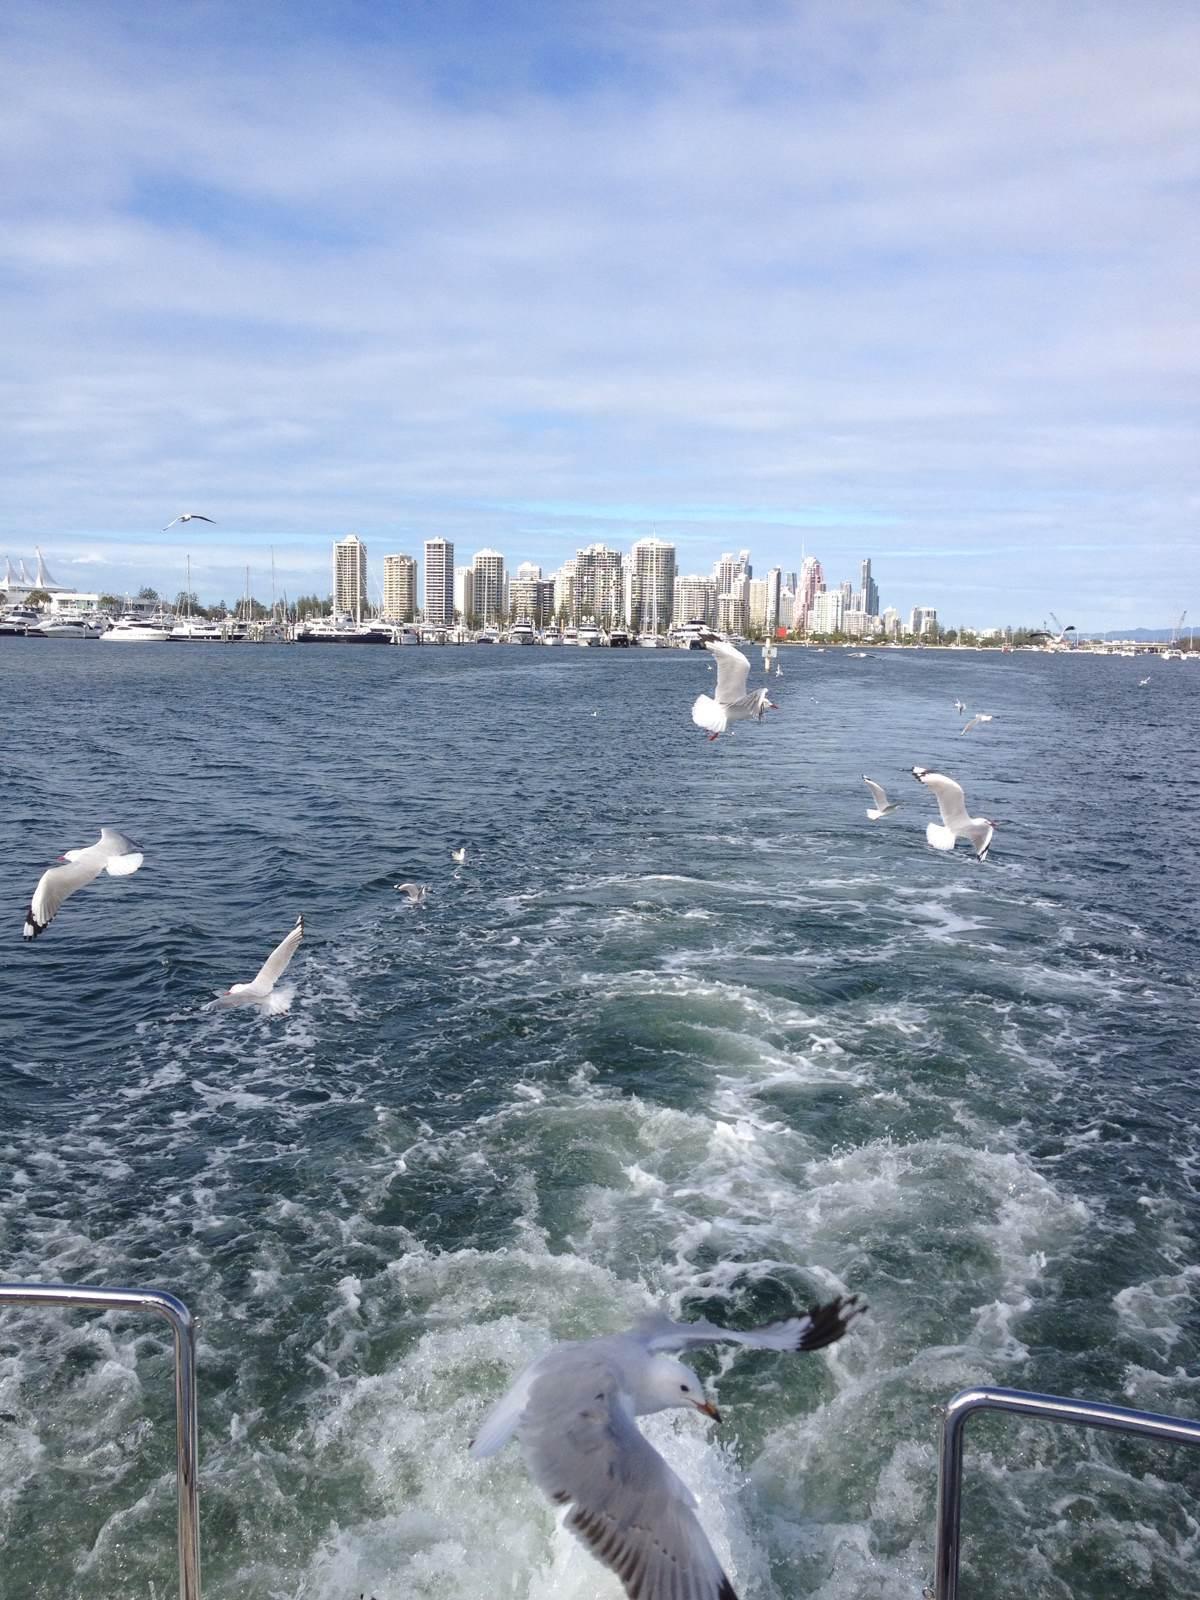 海鸥飞翔-游船活动内容之一面包喂食海鸥,引得成群海鸥跟船飞翔,举起